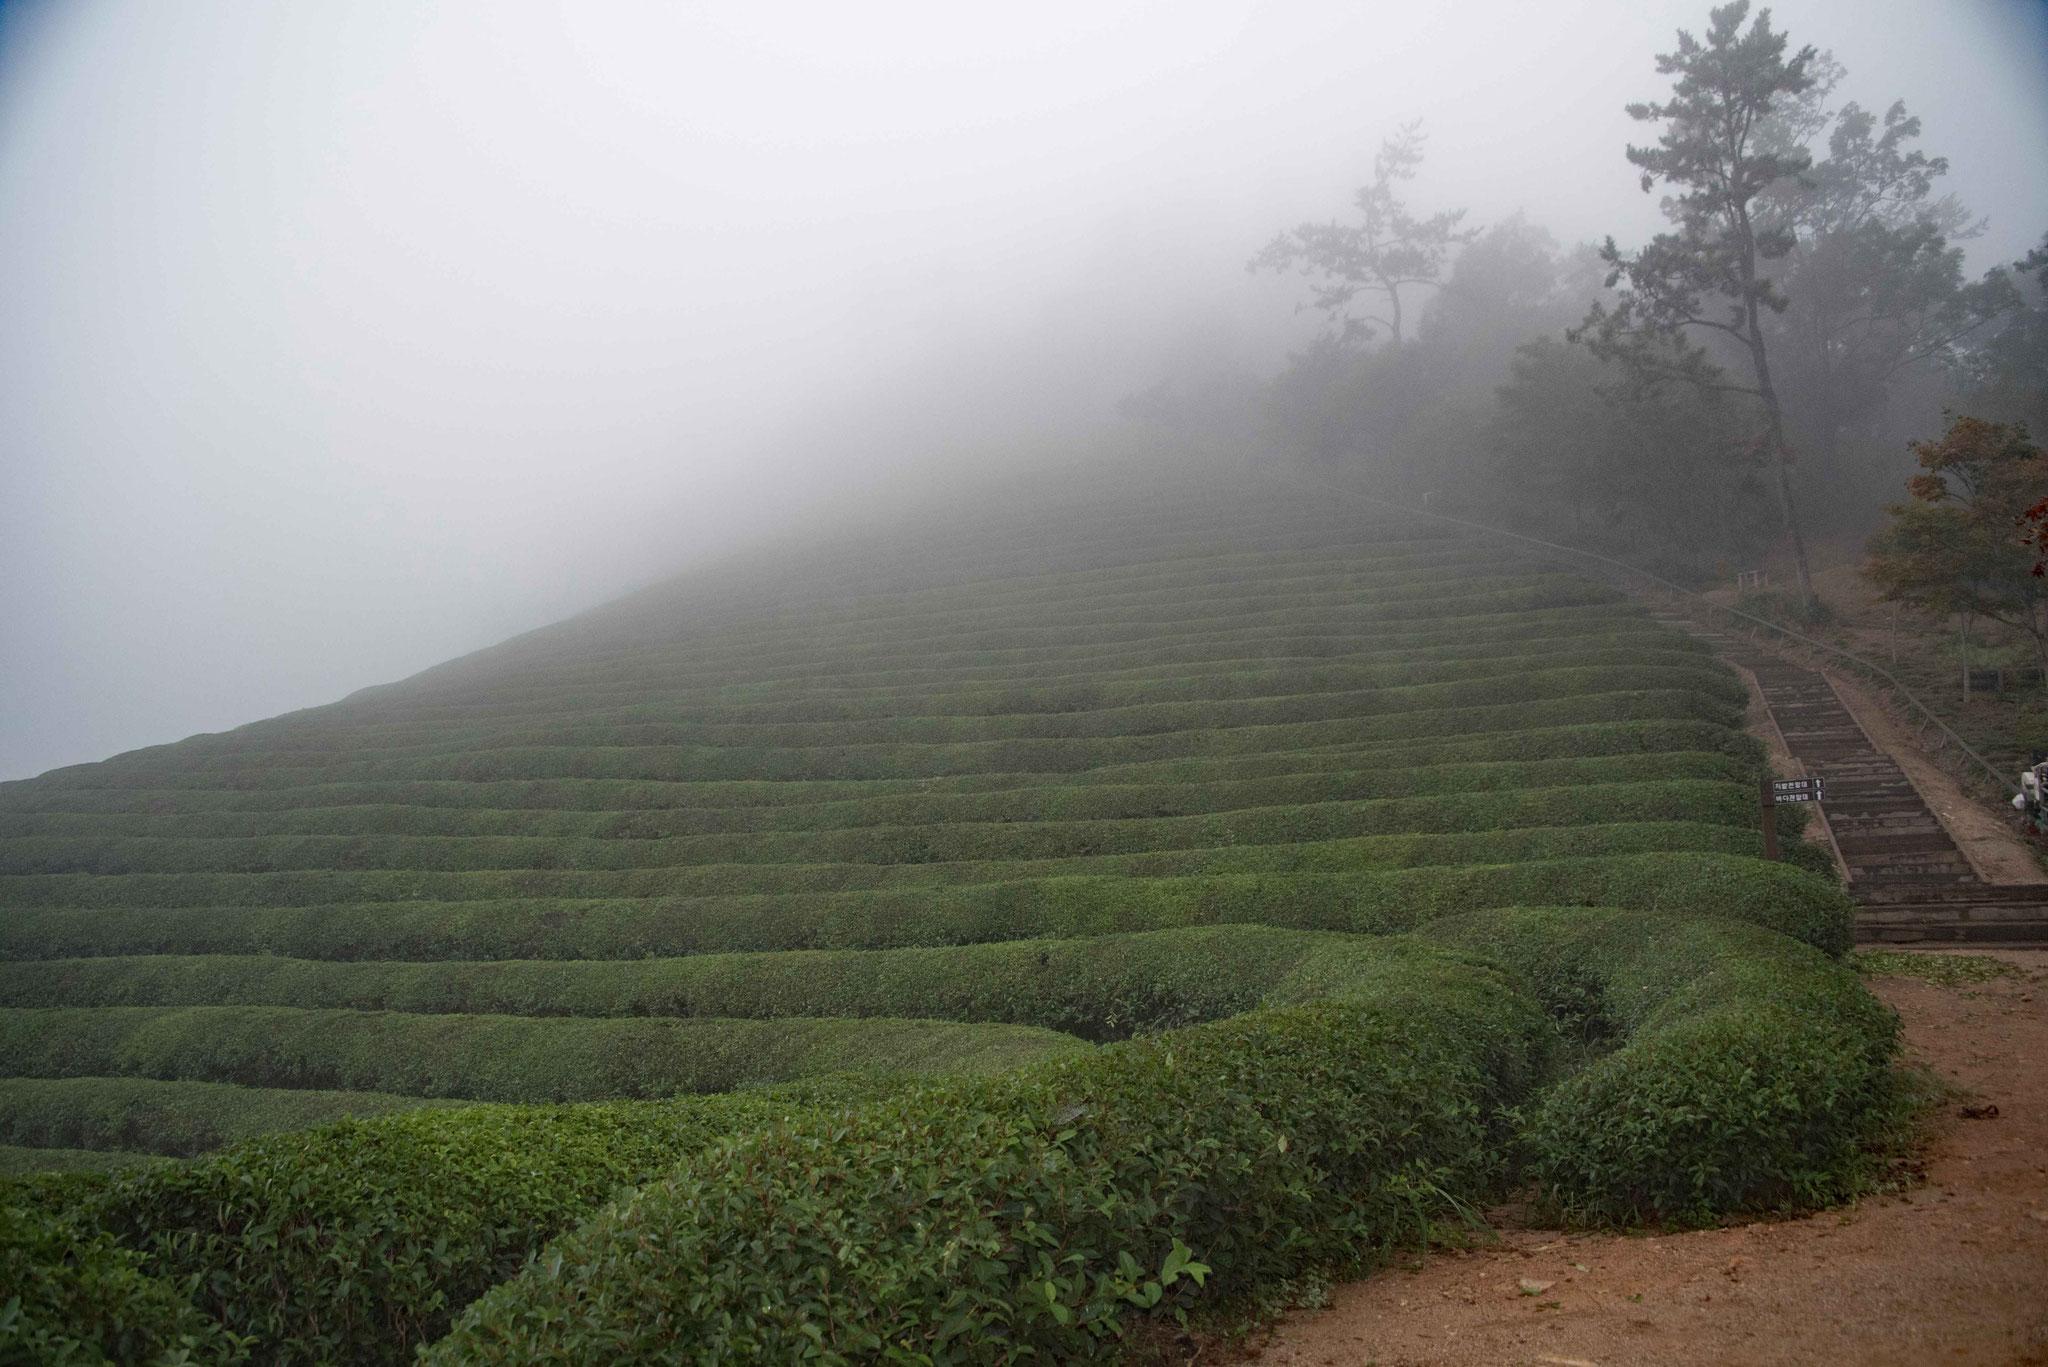 Der Nebel und Regen will leider nicht abziehen